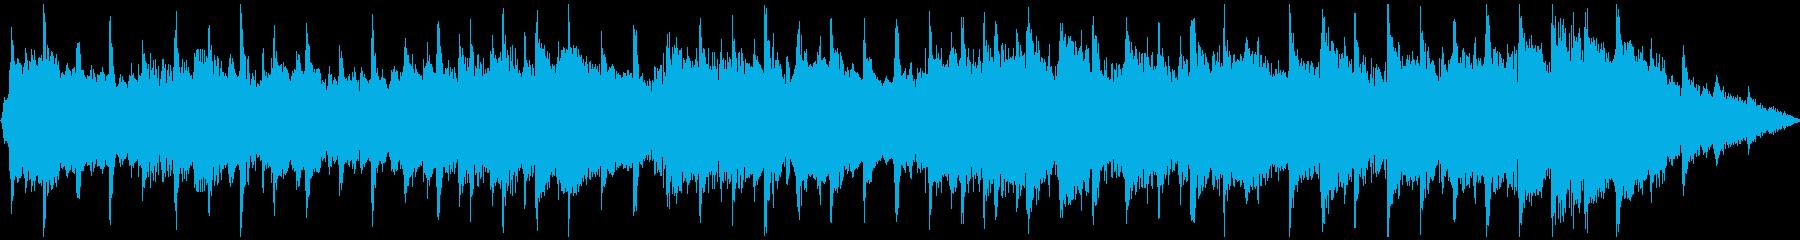 ほのぼのした軽快アコースティックポップの再生済みの波形